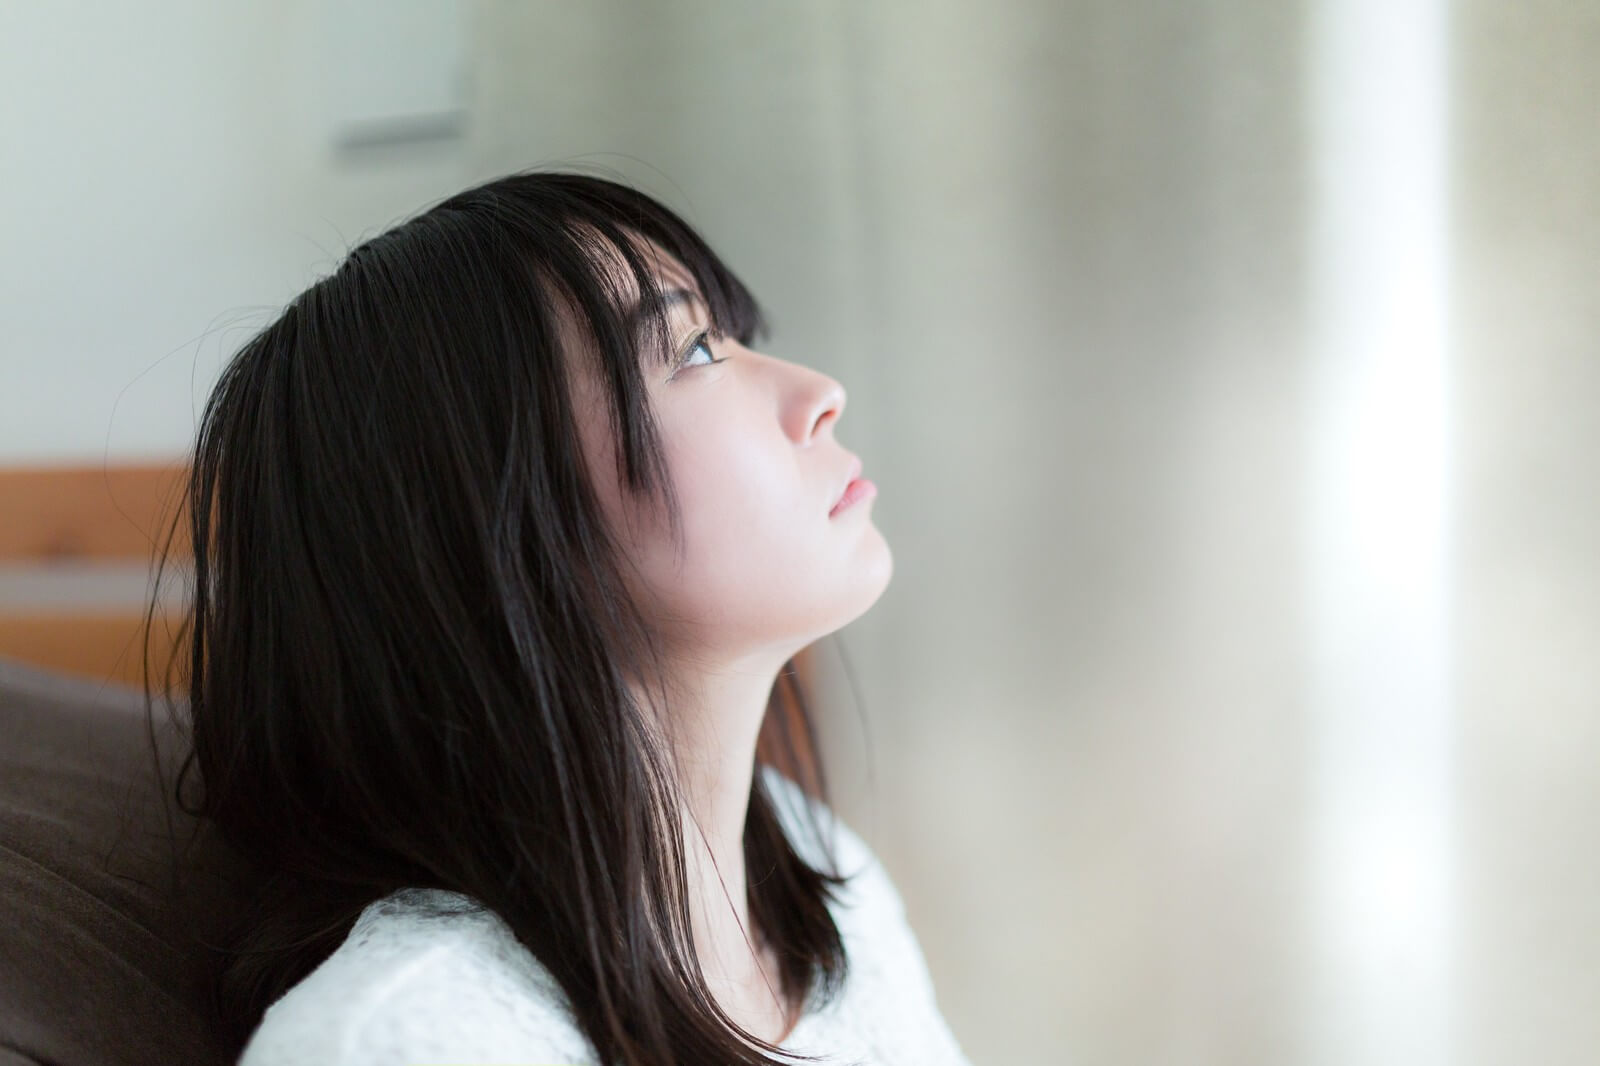 鹿児島県で別れさせ屋が行った工作事例集【別れさせ屋リスト付き】